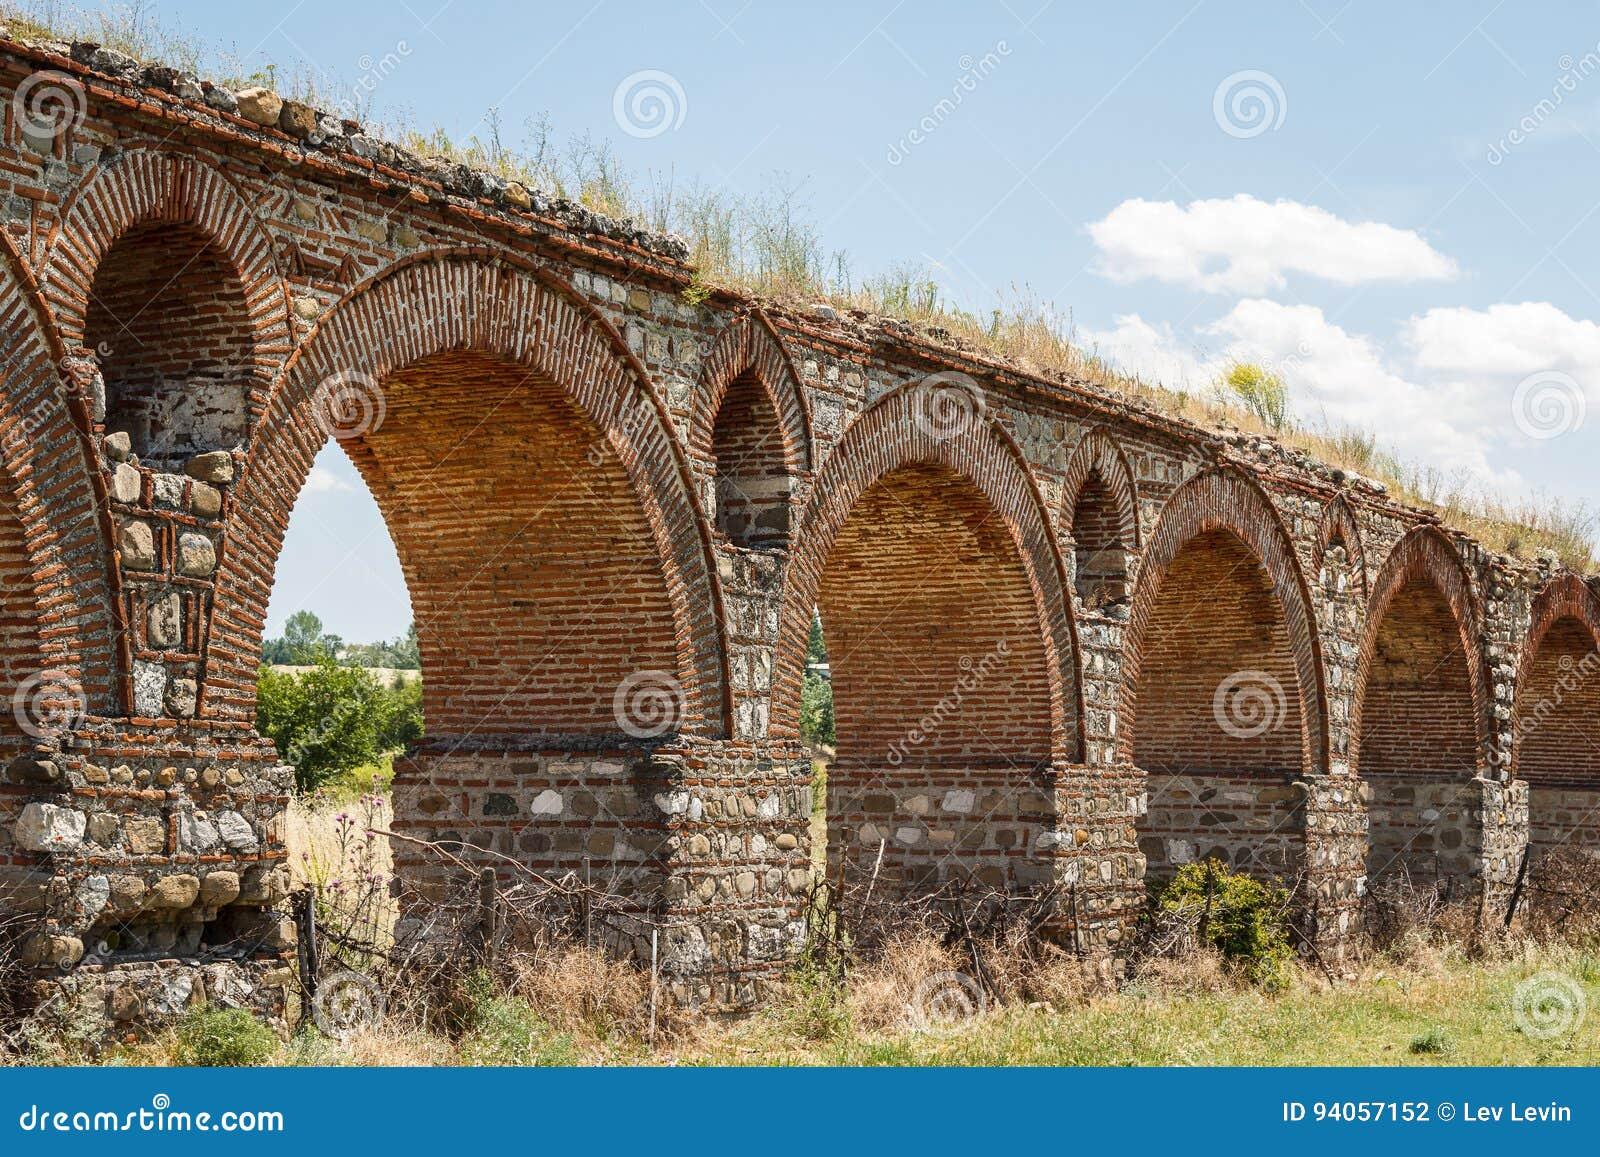 Alter römischer Aquädukt nahe Skopje